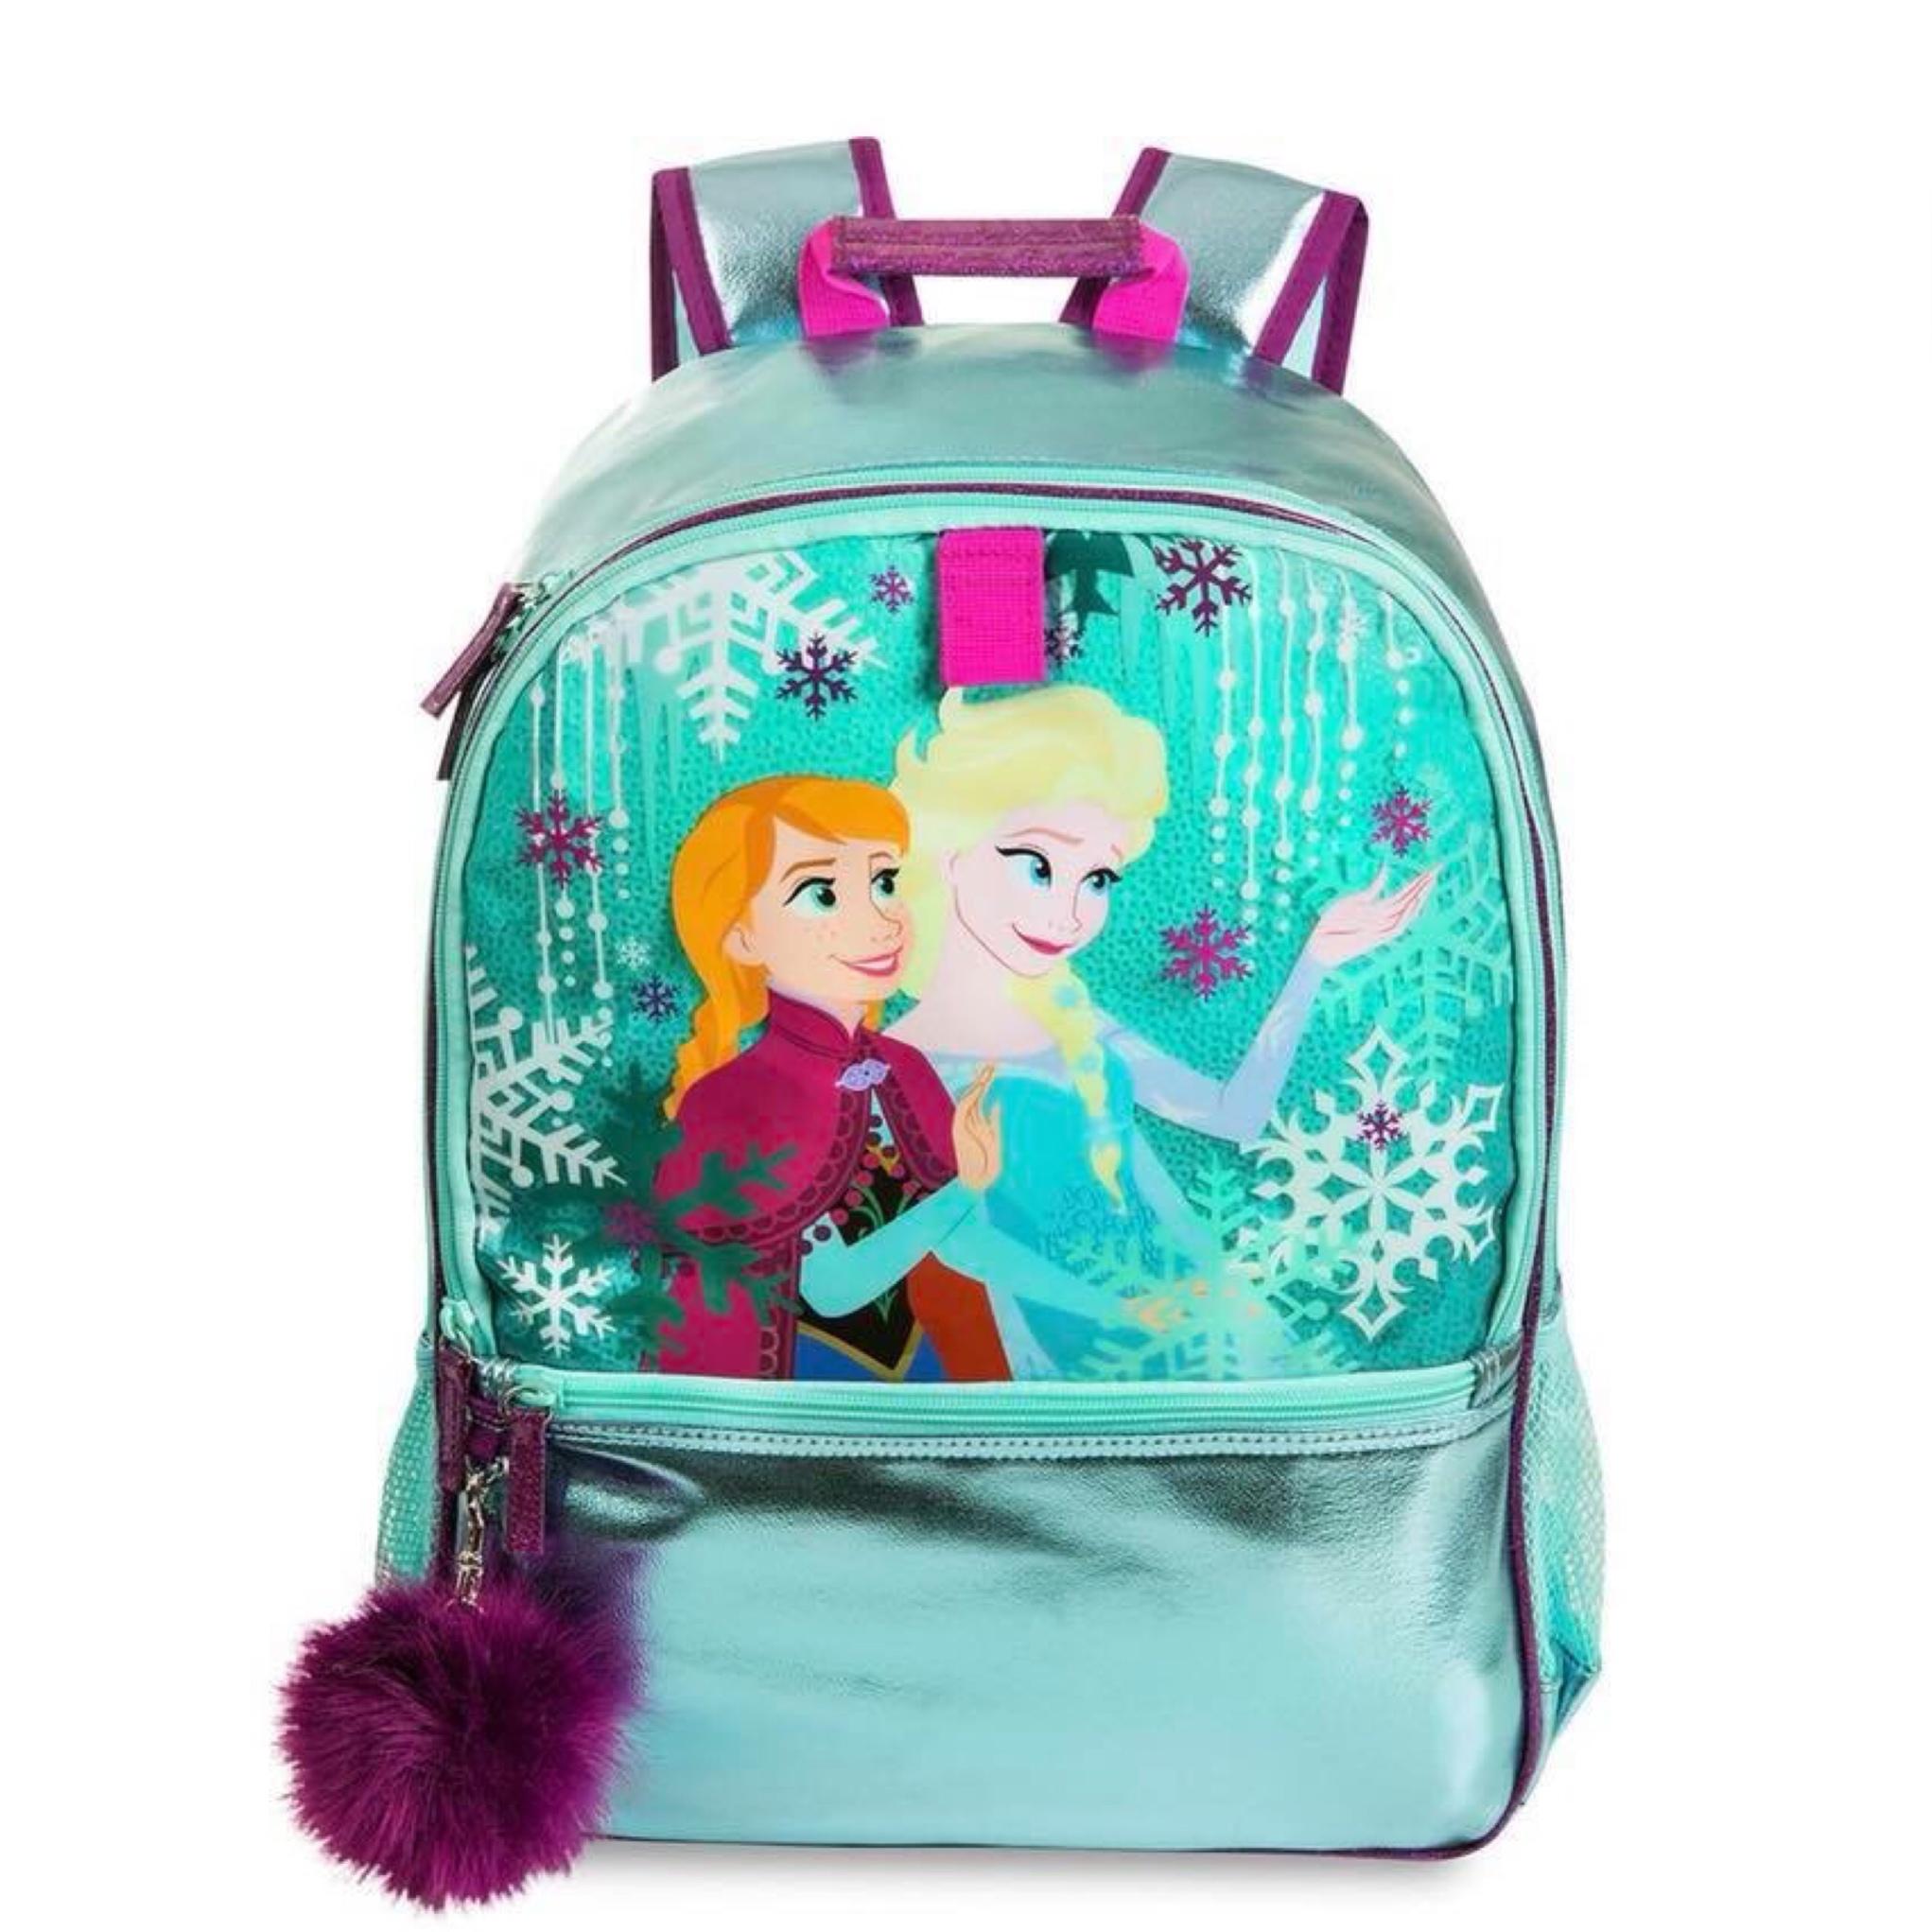 กระเป๋าเป้สะพายหลังสำหรับเด็ก Disney Backpack (Frozen Shiny)